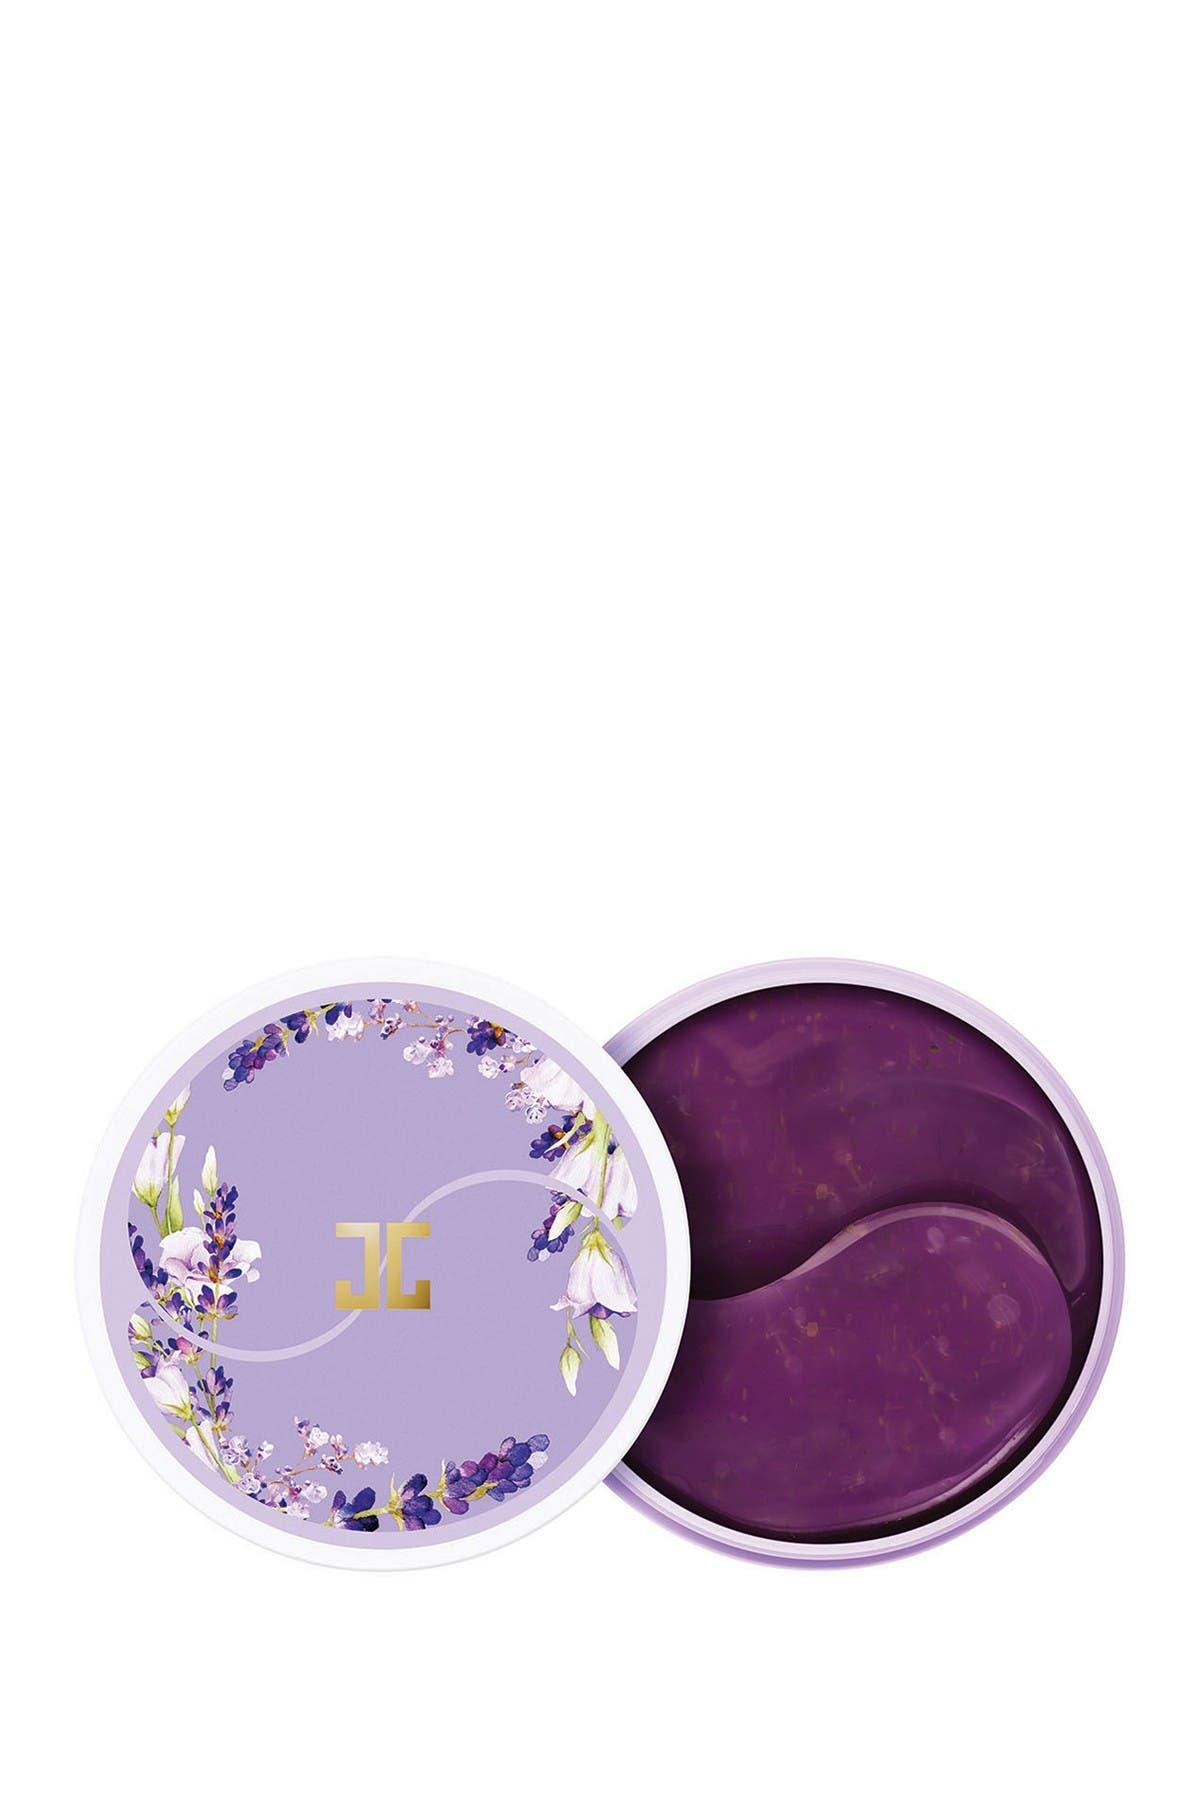 Image of Jayjun Lavender Tea Eye Gel Patch